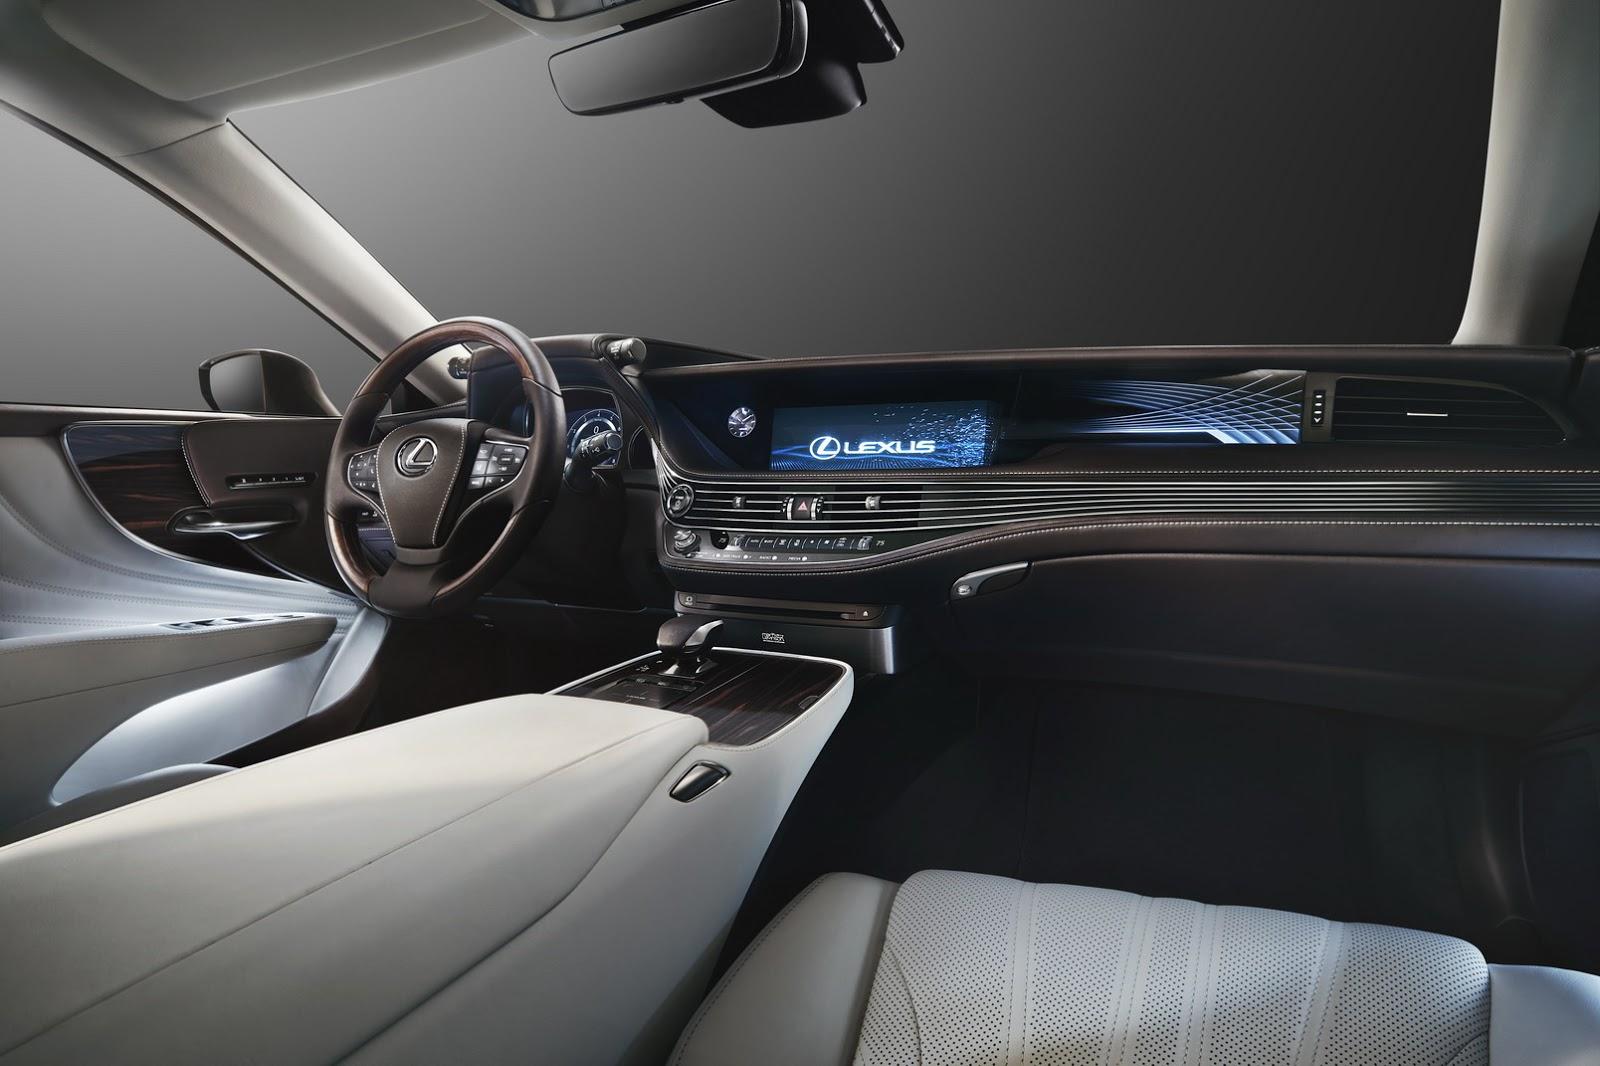 新型レクサスlsのフルモデルチェンジが2017年に実施!ハイブリッドモデルと「lexus Codriver」等の最新